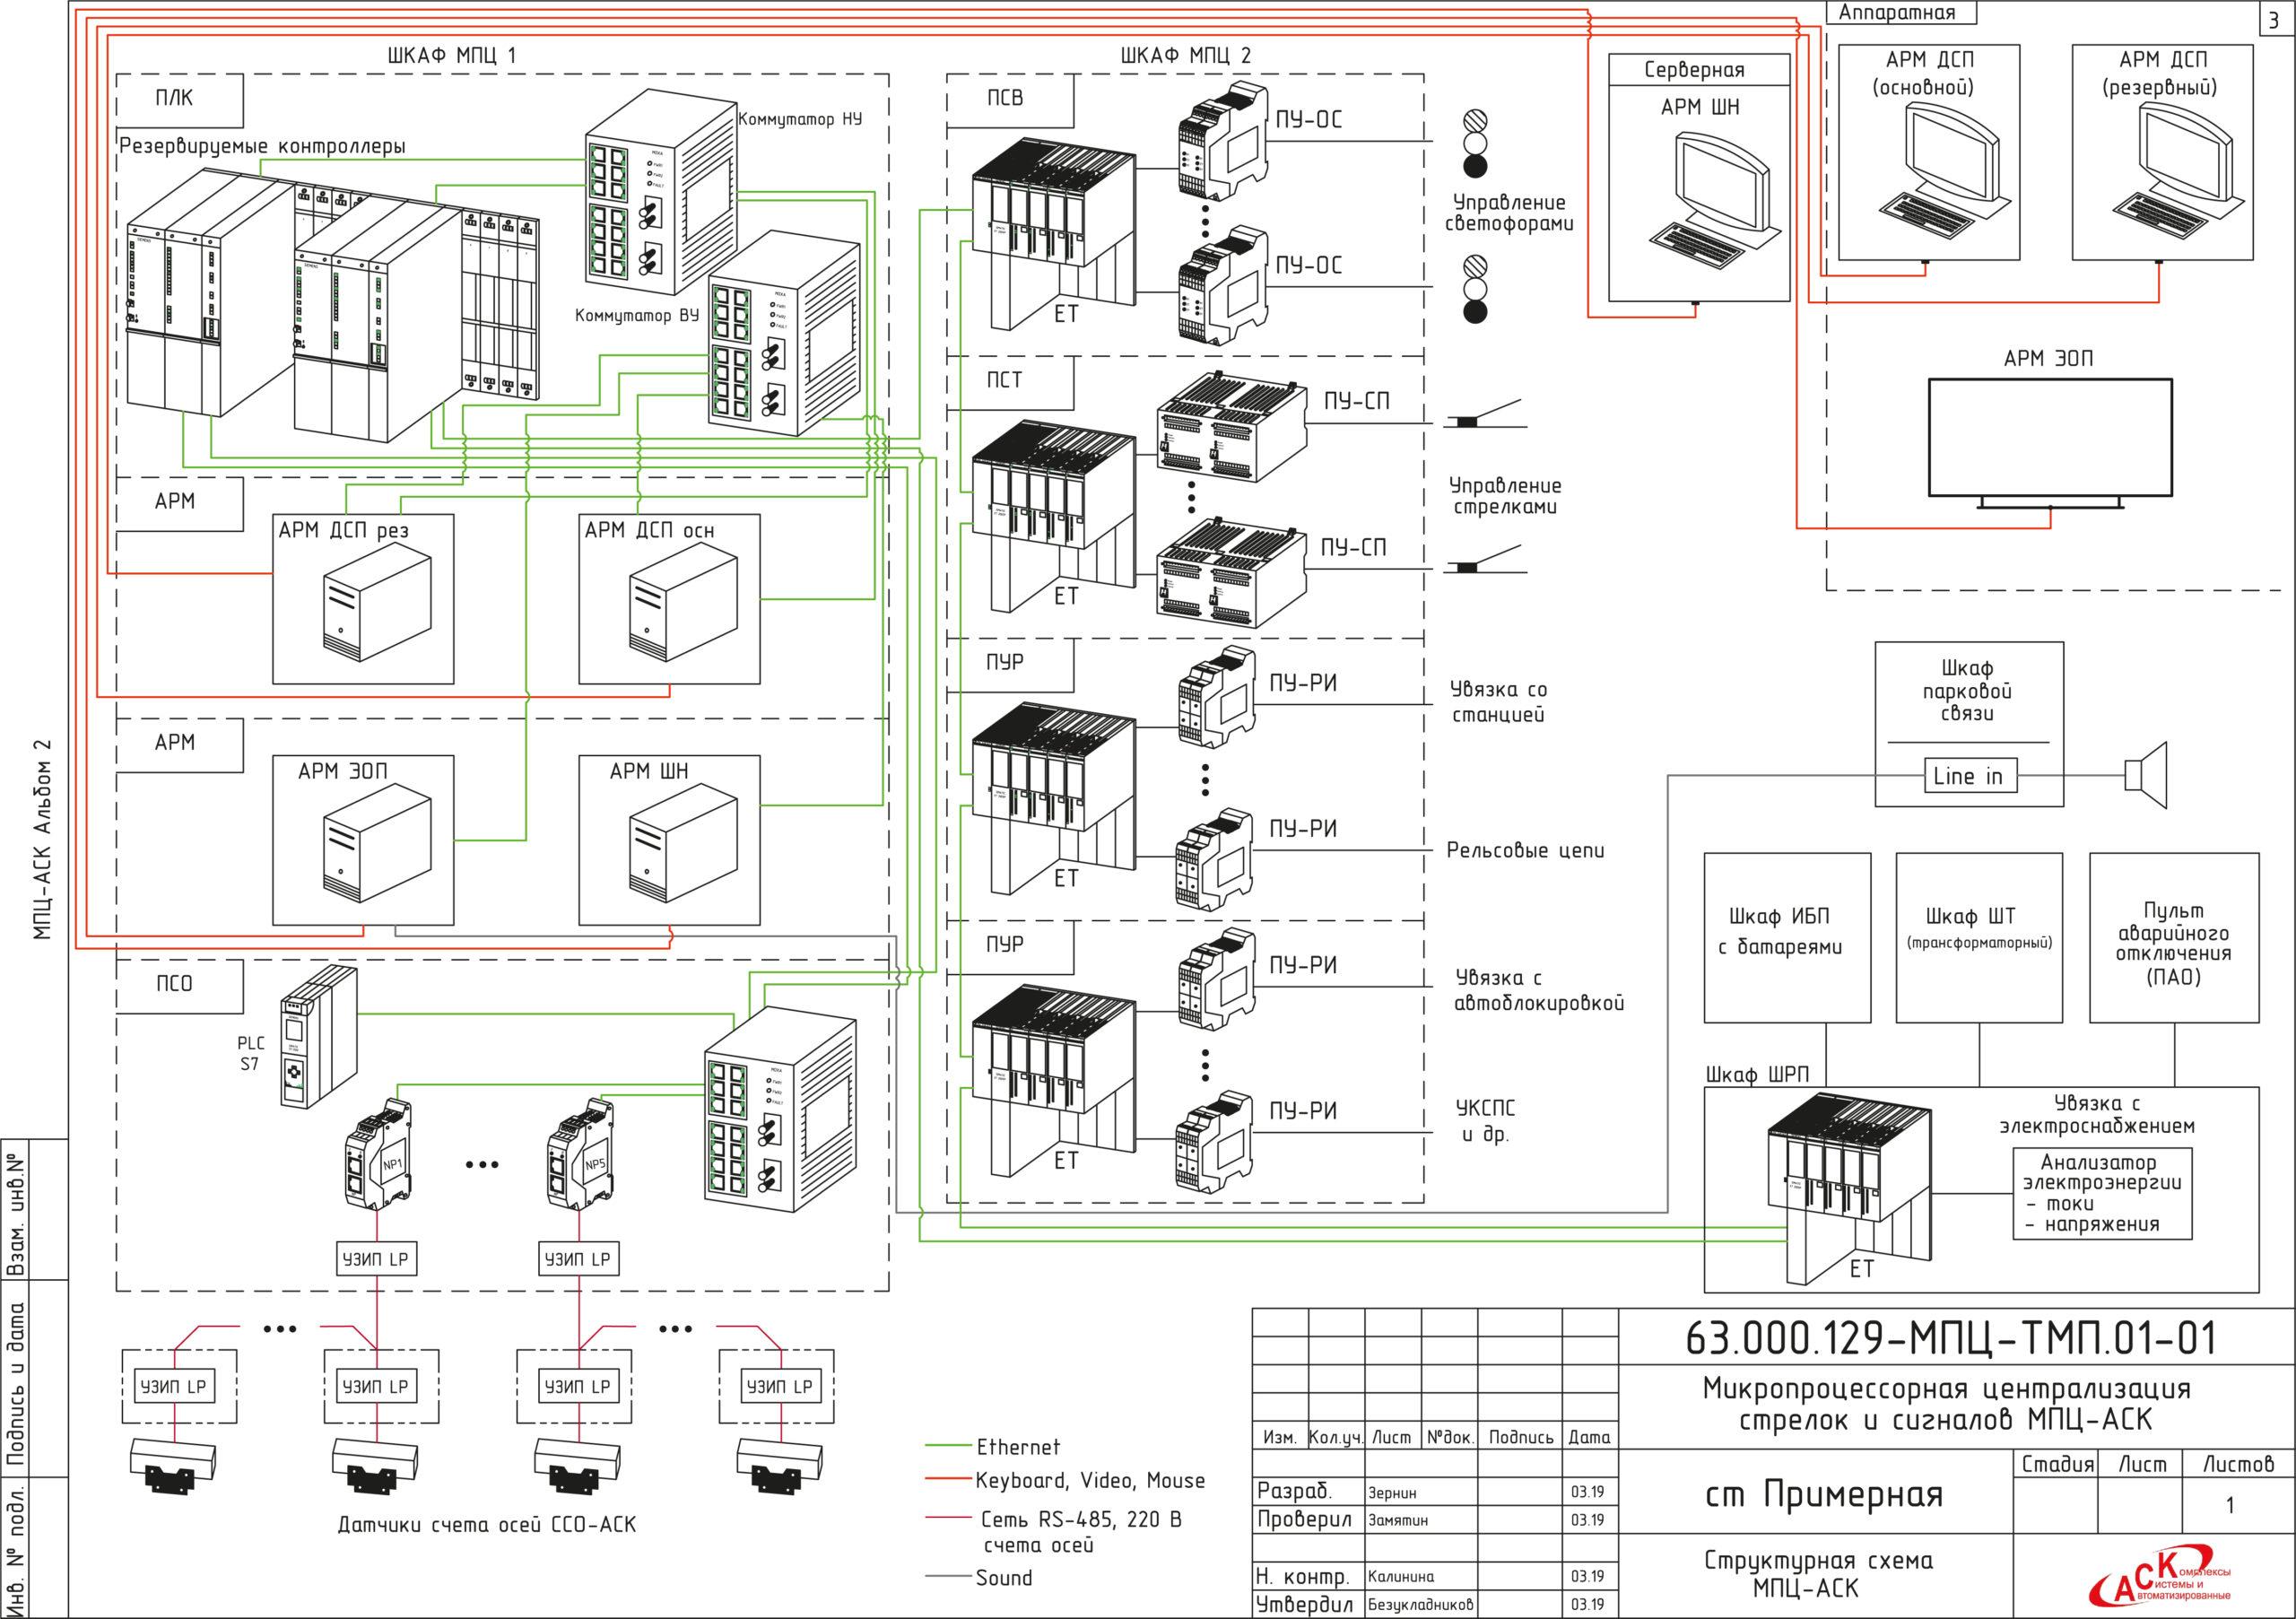 Структурная схема «МПЦ-АСК»